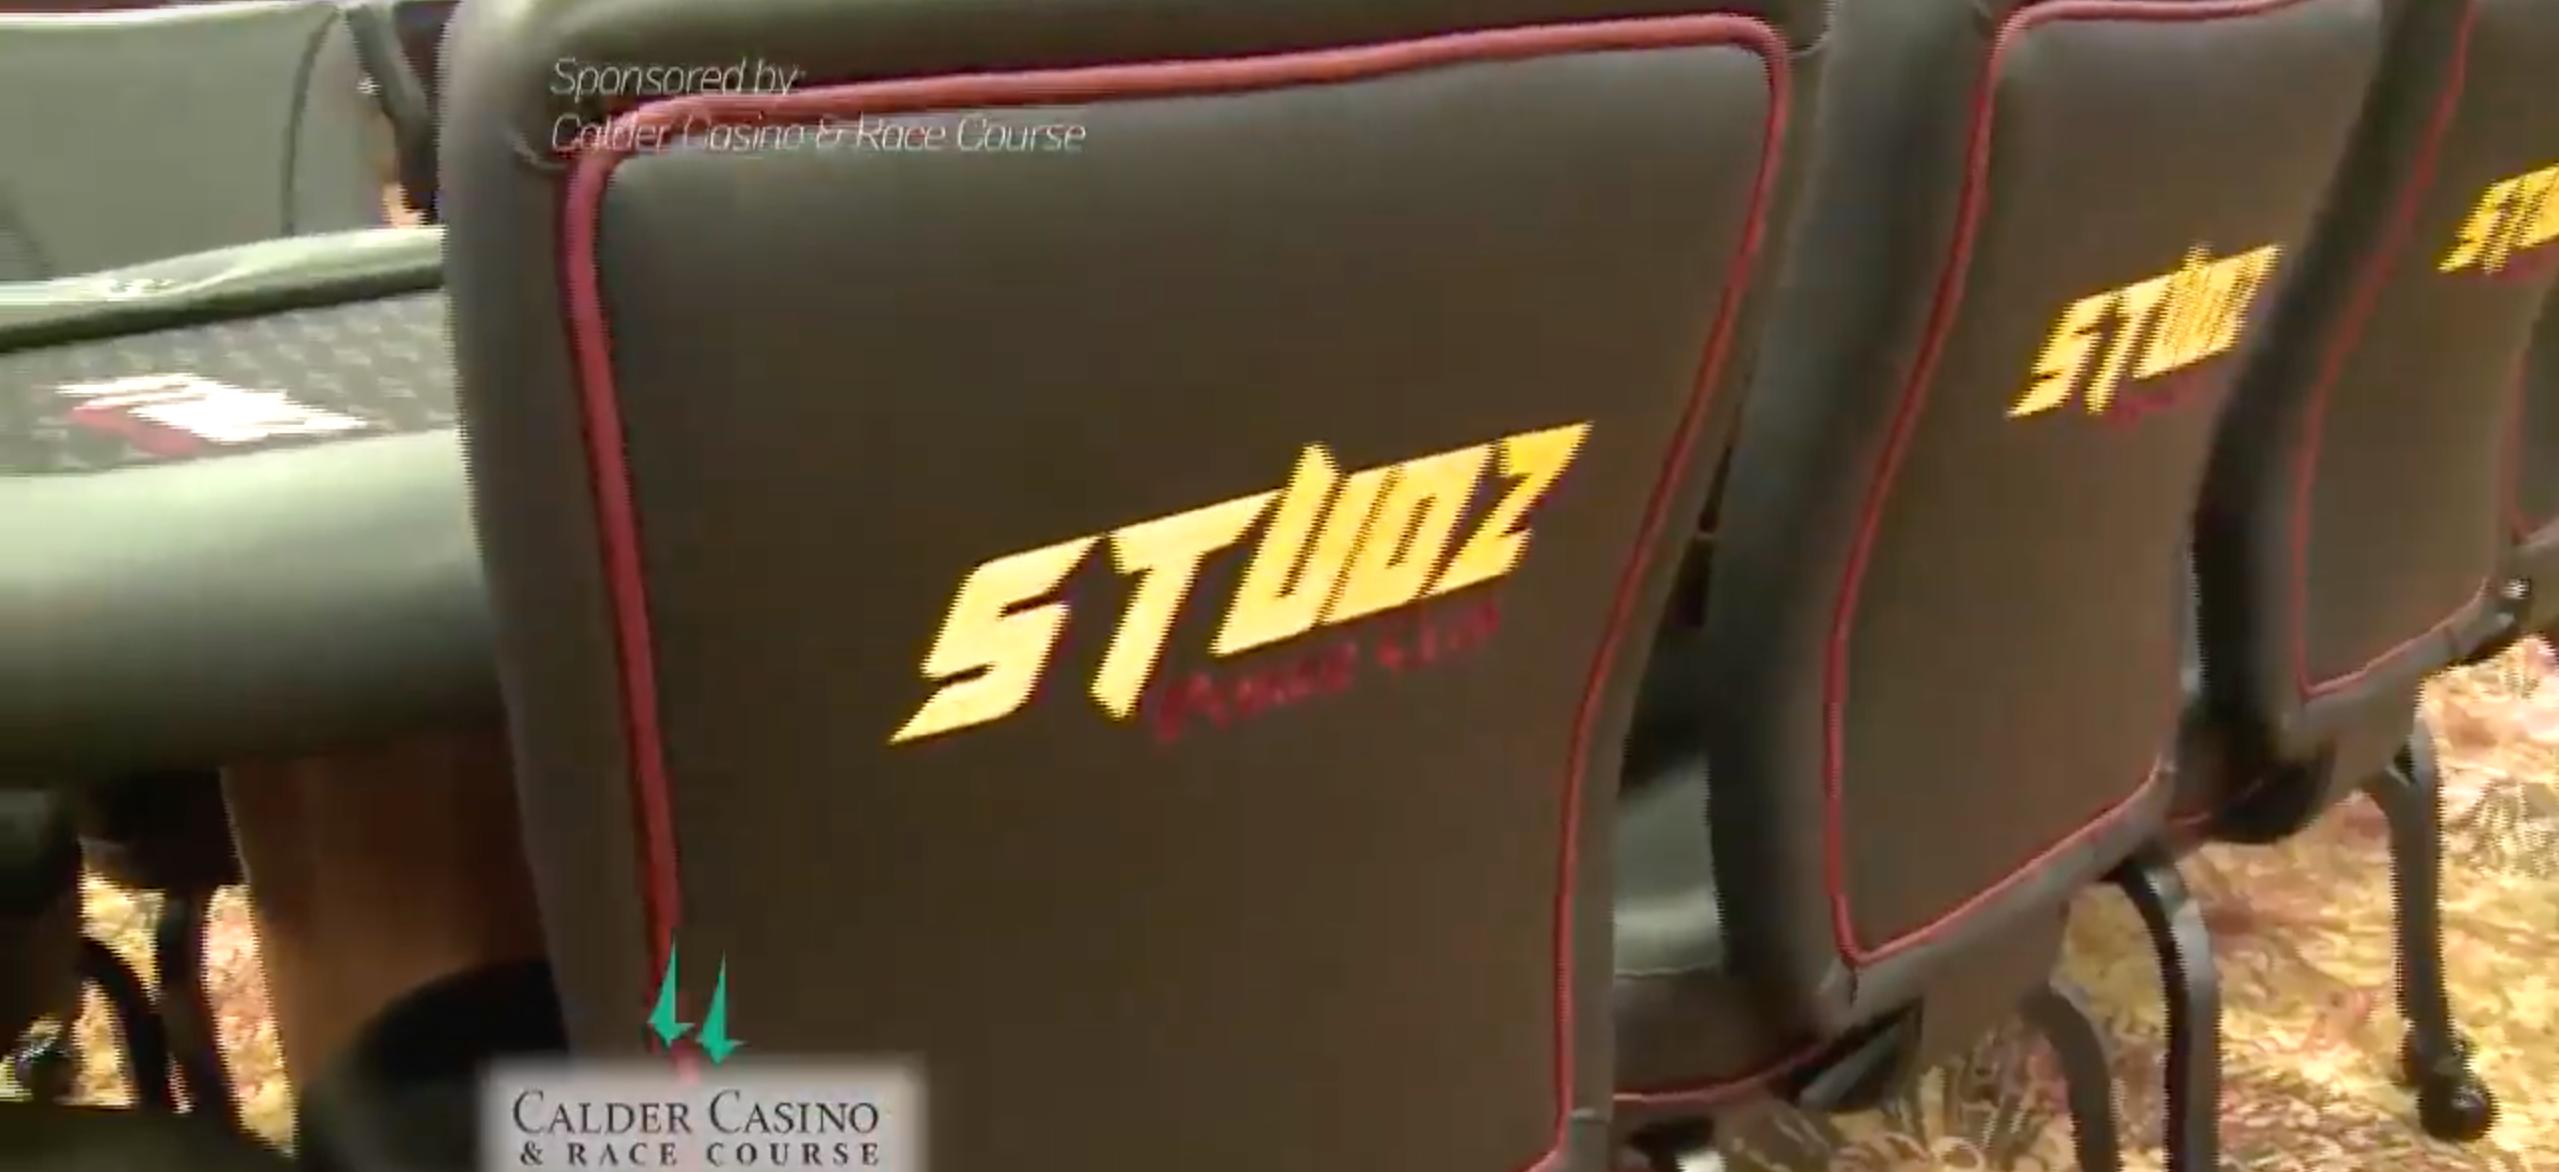 Studz Poker Club